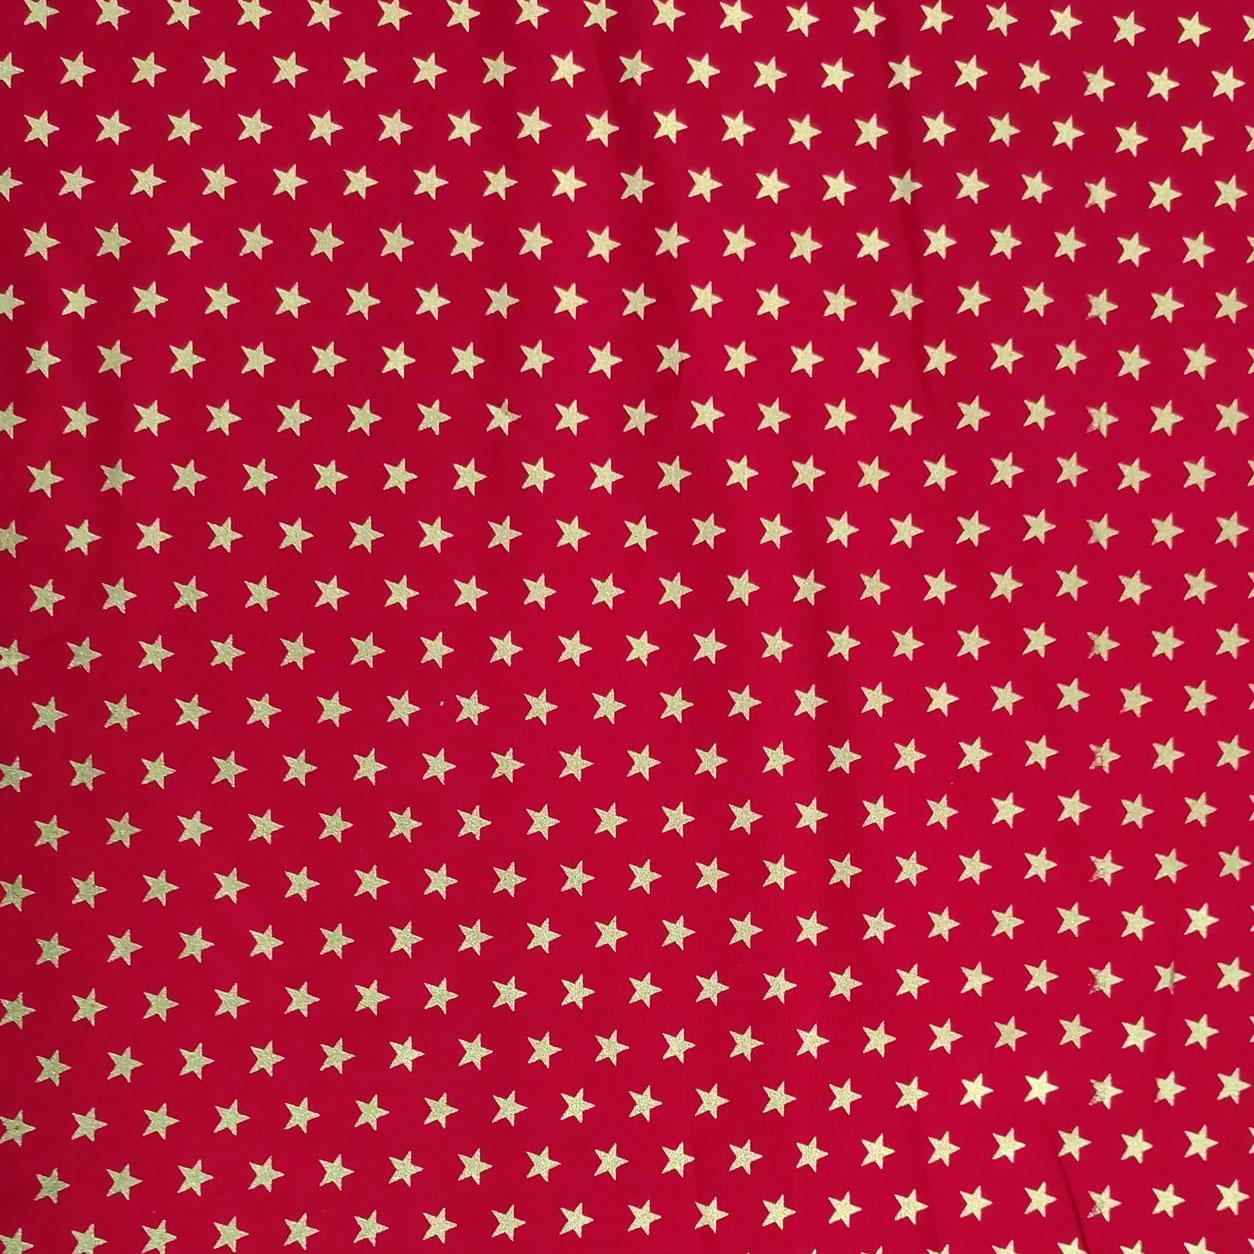 Tessuto Cotone Stelle Lurex Oro Sfondo Rosso